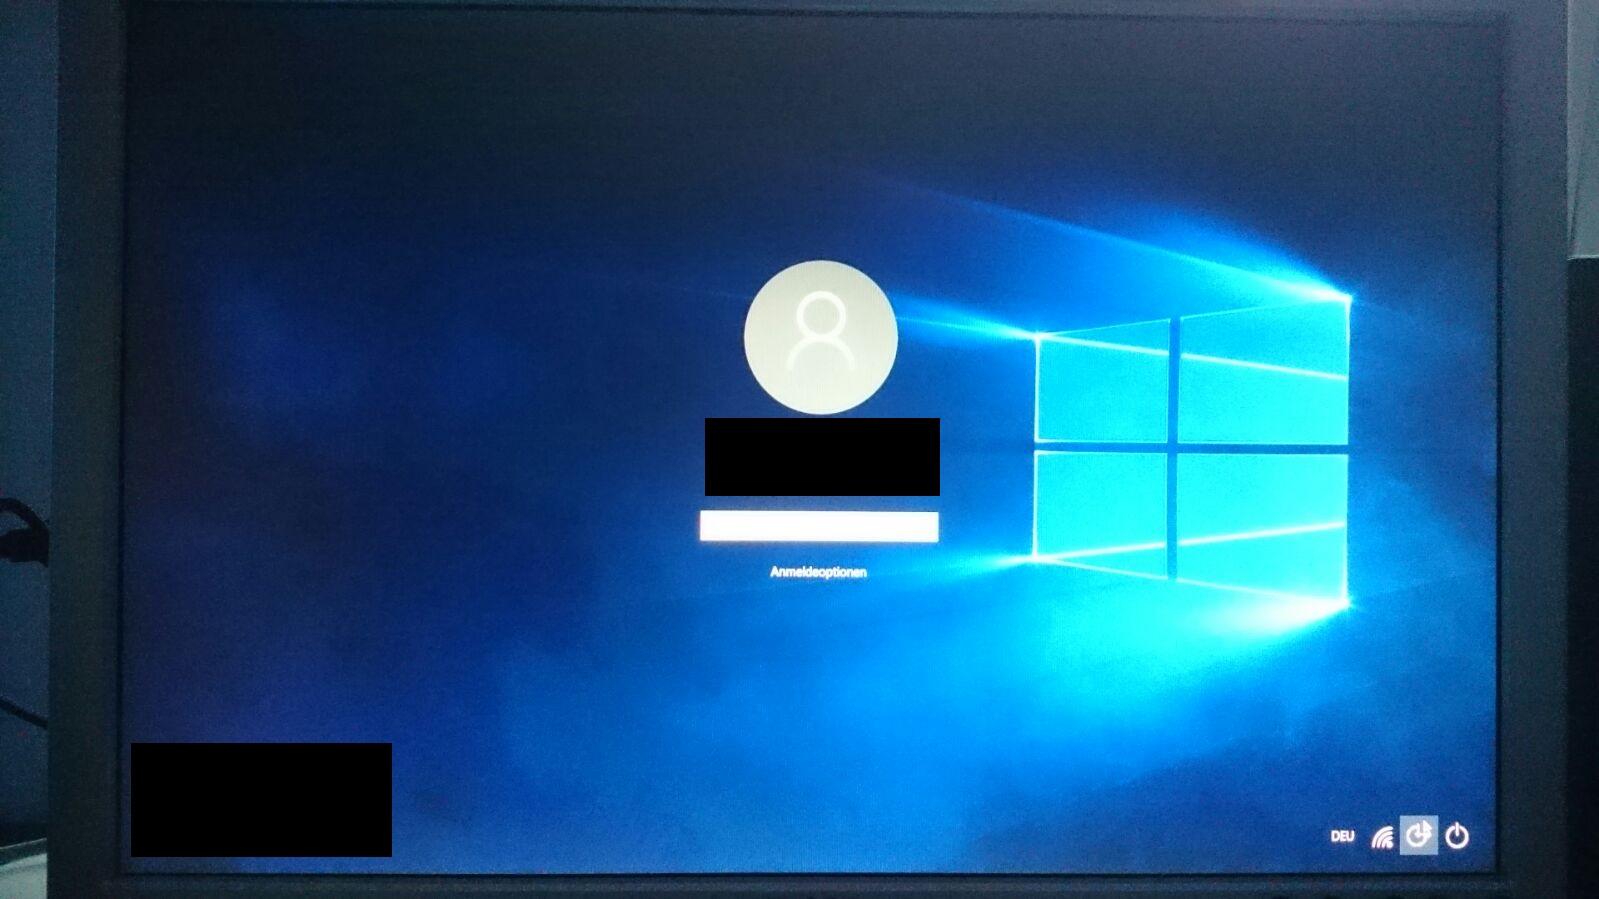 Windows 10 Anmeldebildschirm Bilder